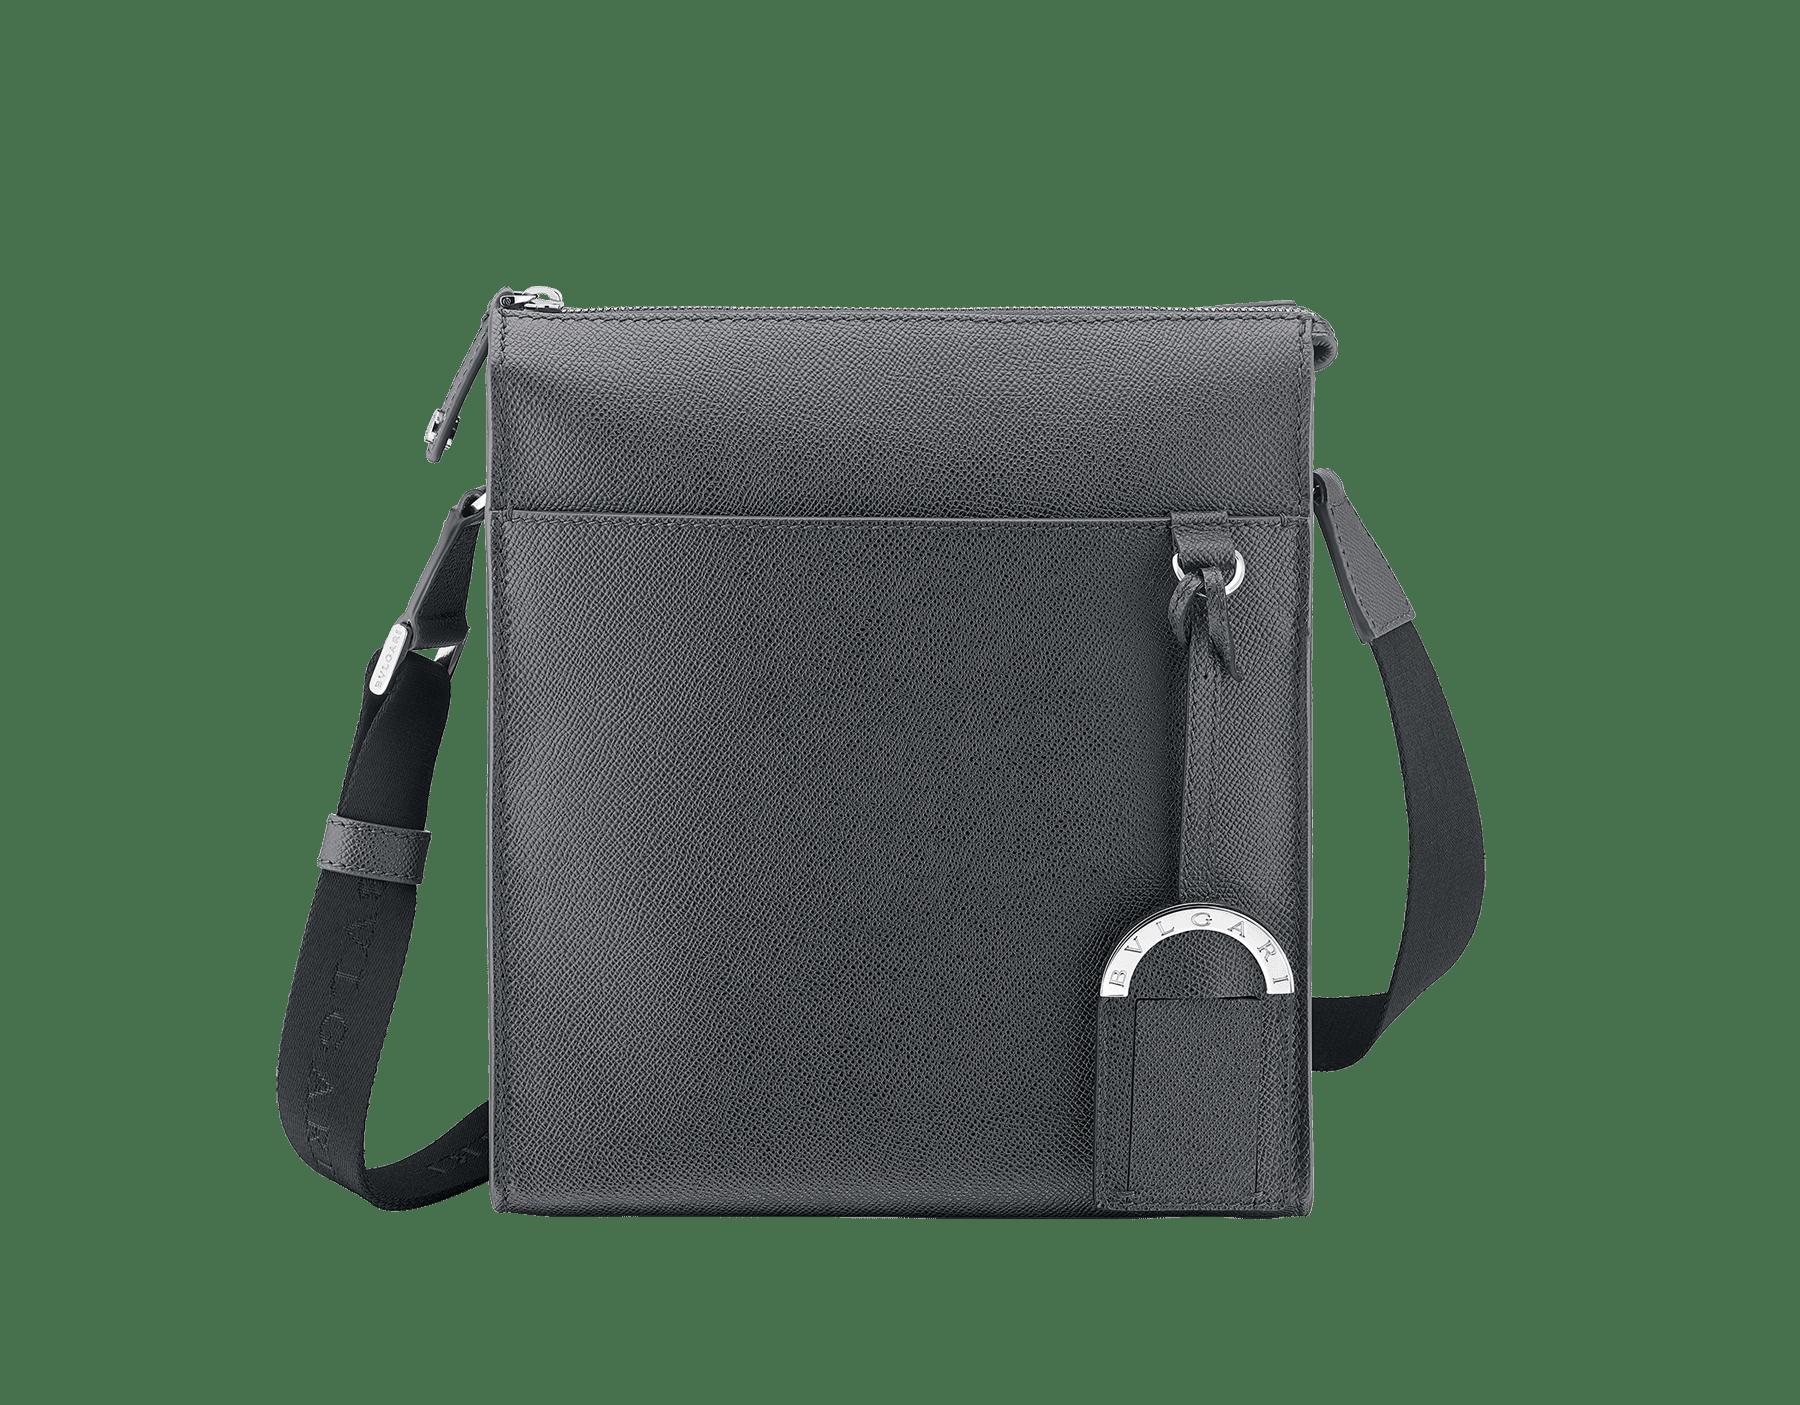 BVLGARI BVLGARI Messenger-Tasche mit Reißverschluss an der Oberseite aus jadegrünem genarbten Kalbsleder mit Metall-Elementen aus palladiumbeschichtetem Messing. BBM-001-0624S image 1